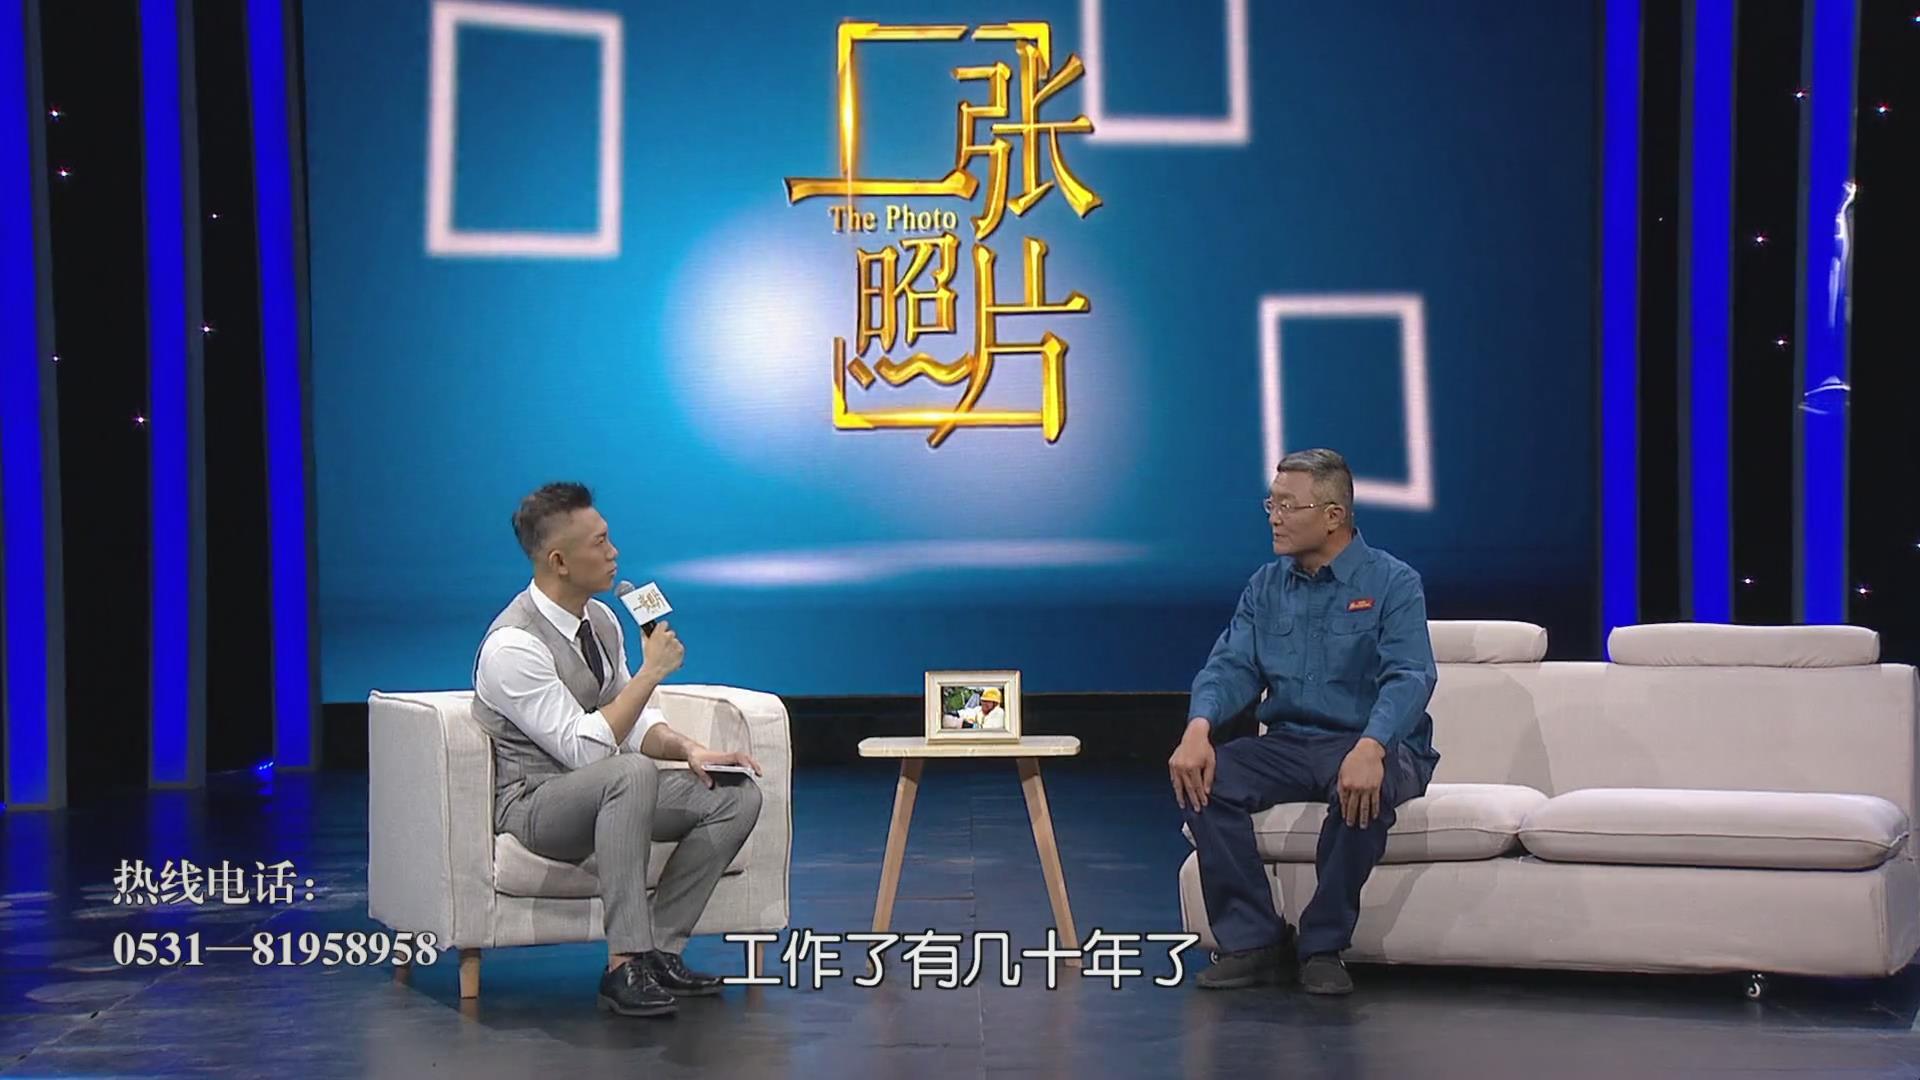 """一张照片20190628刘朴明:""""不断电""""是他给群众的承诺"""